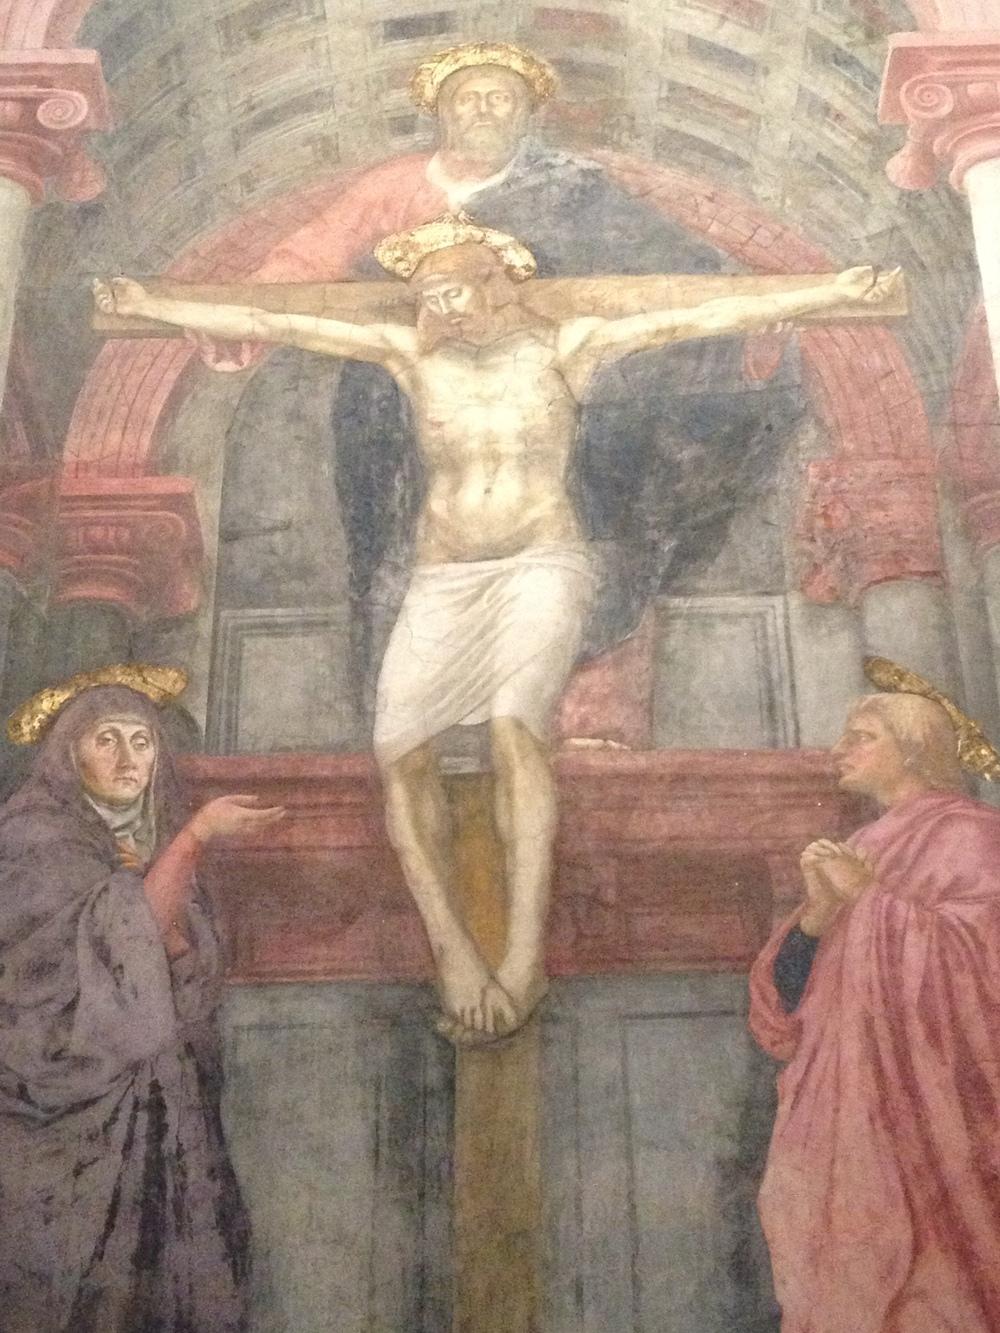 Masaccio Holy Trinity detail